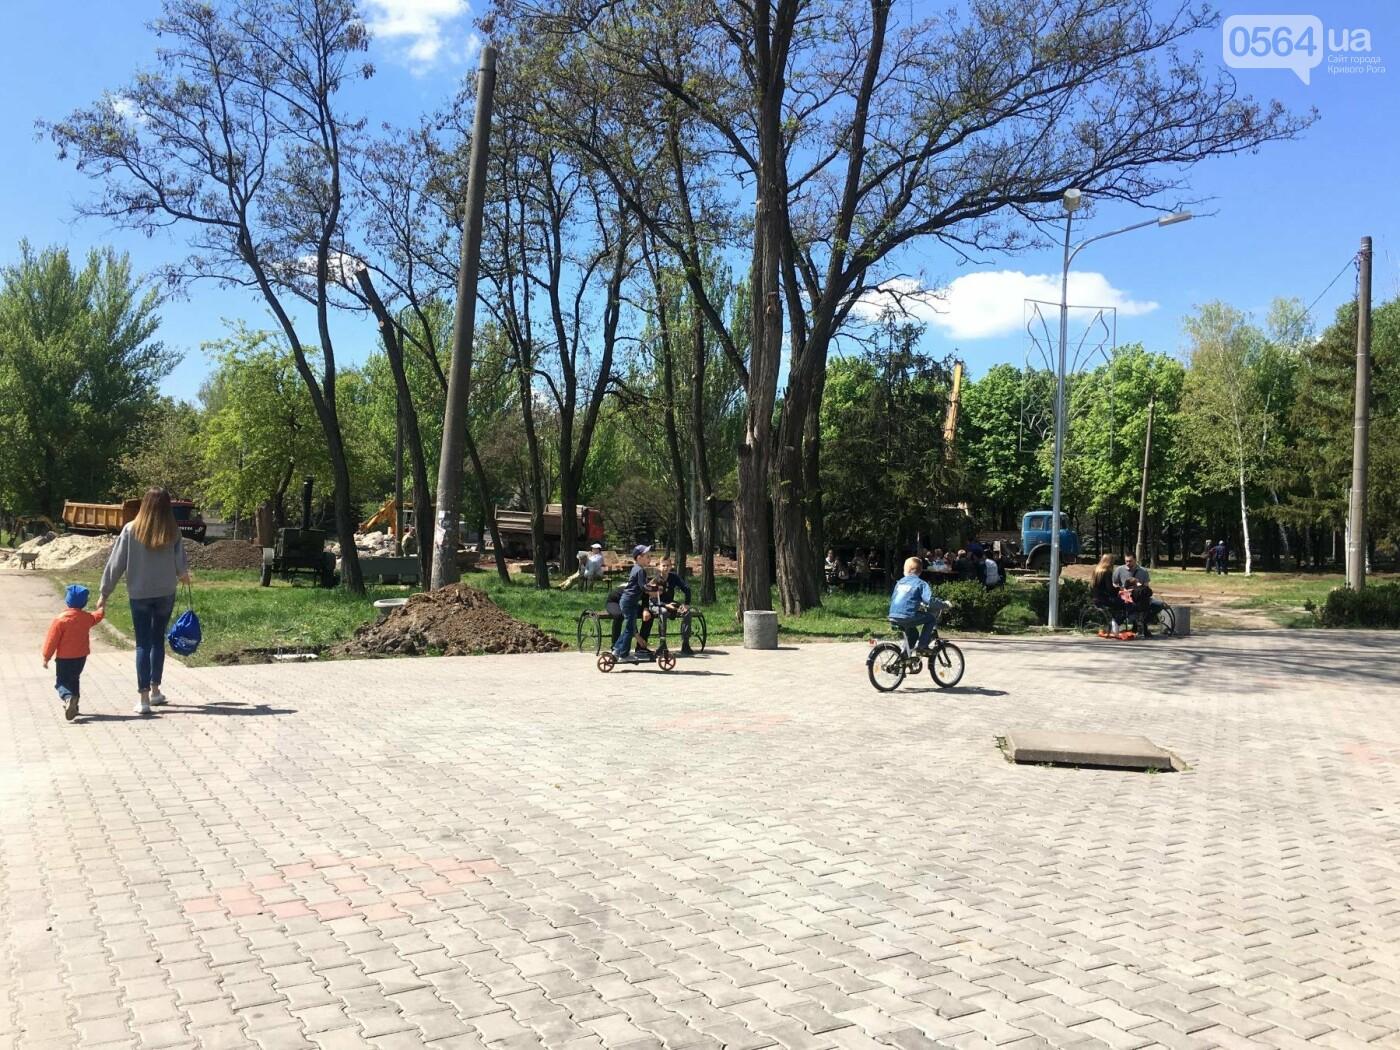 """""""В Европу без мусора!"""": криворожане помогли подготовить парк к Еврофесту (ФОТО), фото-91"""